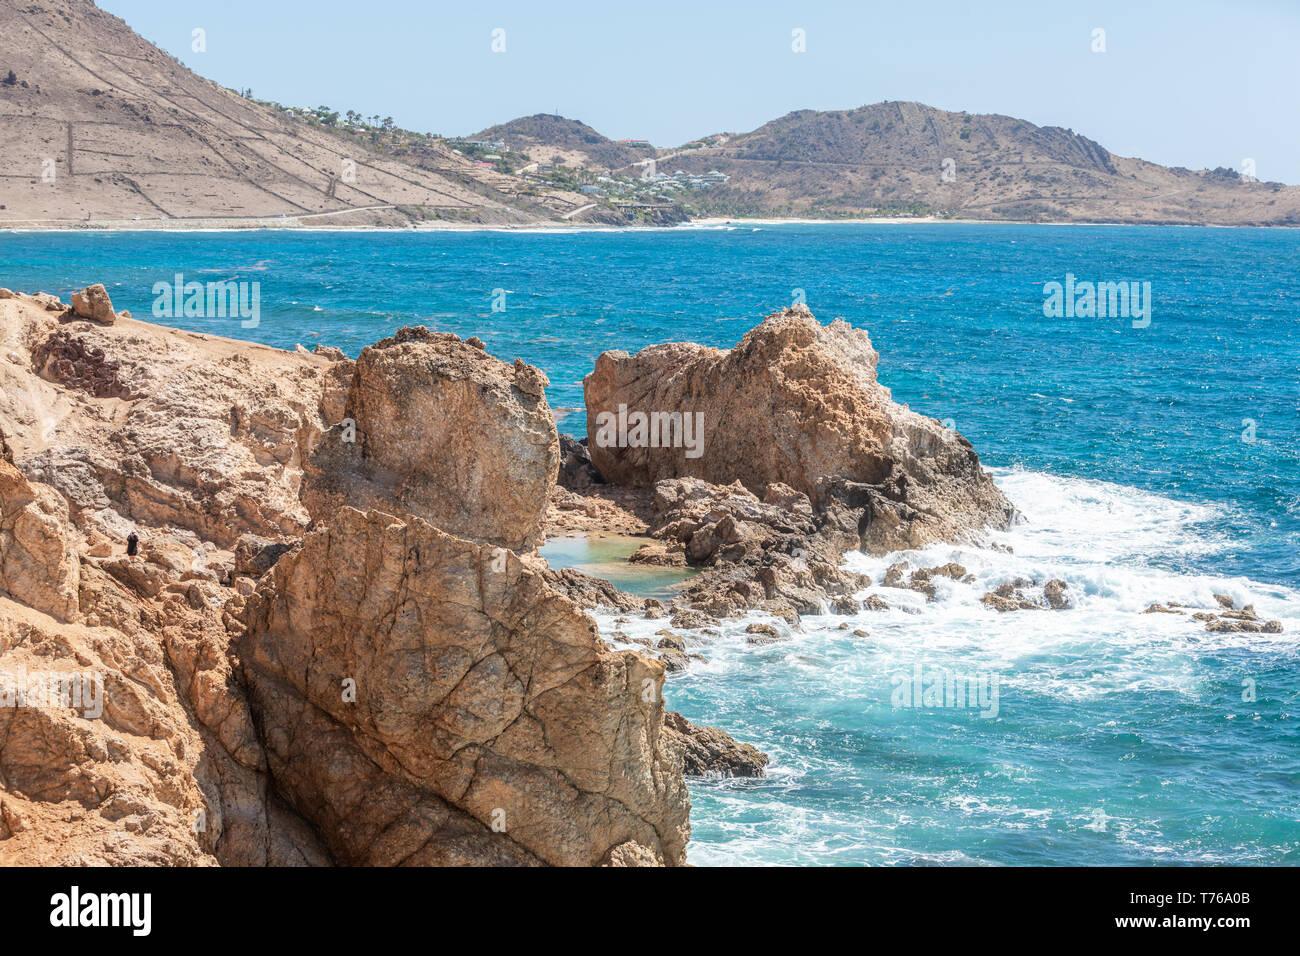 La ligne de rivage rocheux de Grand Fond, St Barts Photo Stock